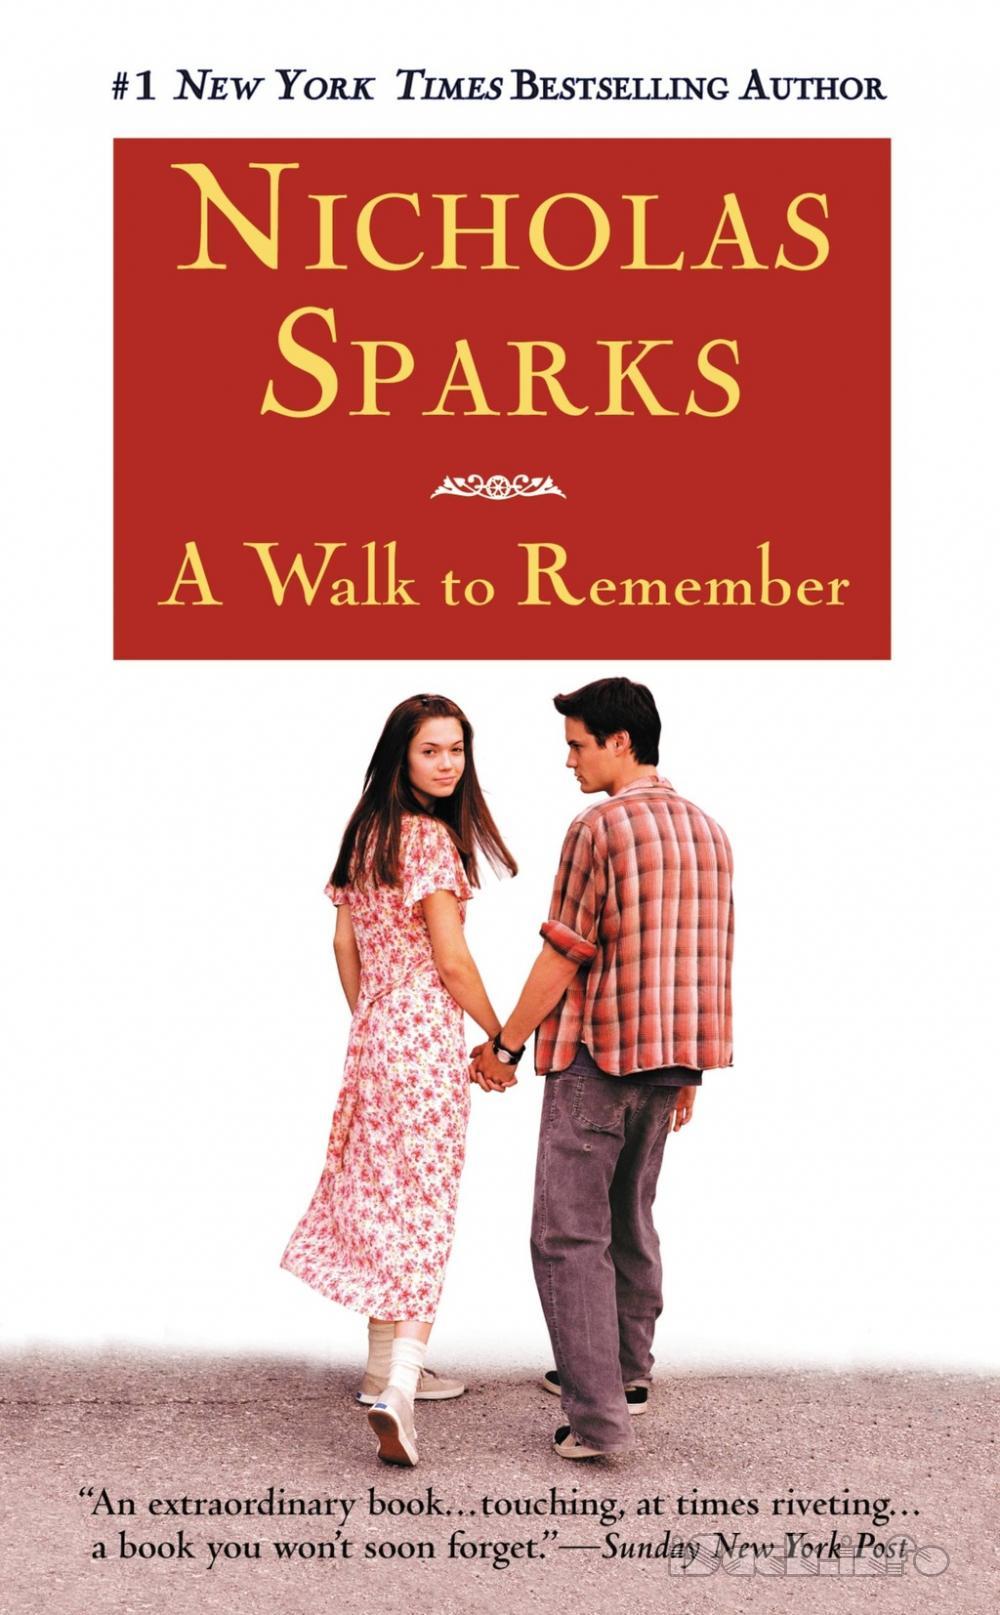 nicholas sparks's book a walk to